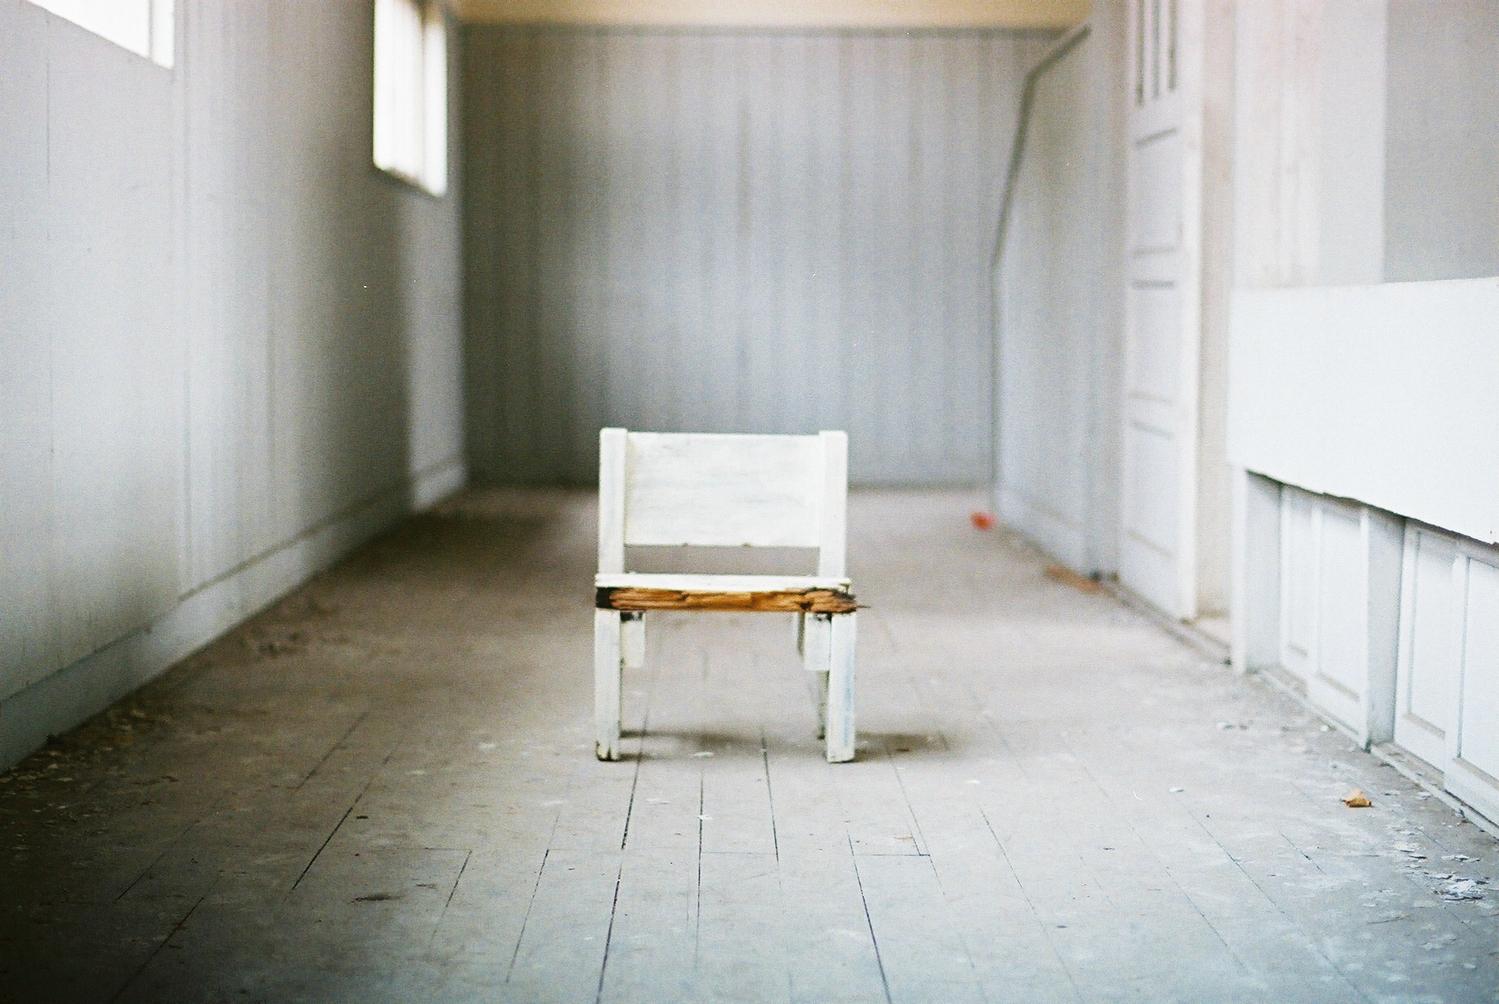 まずは綺麗に座ること